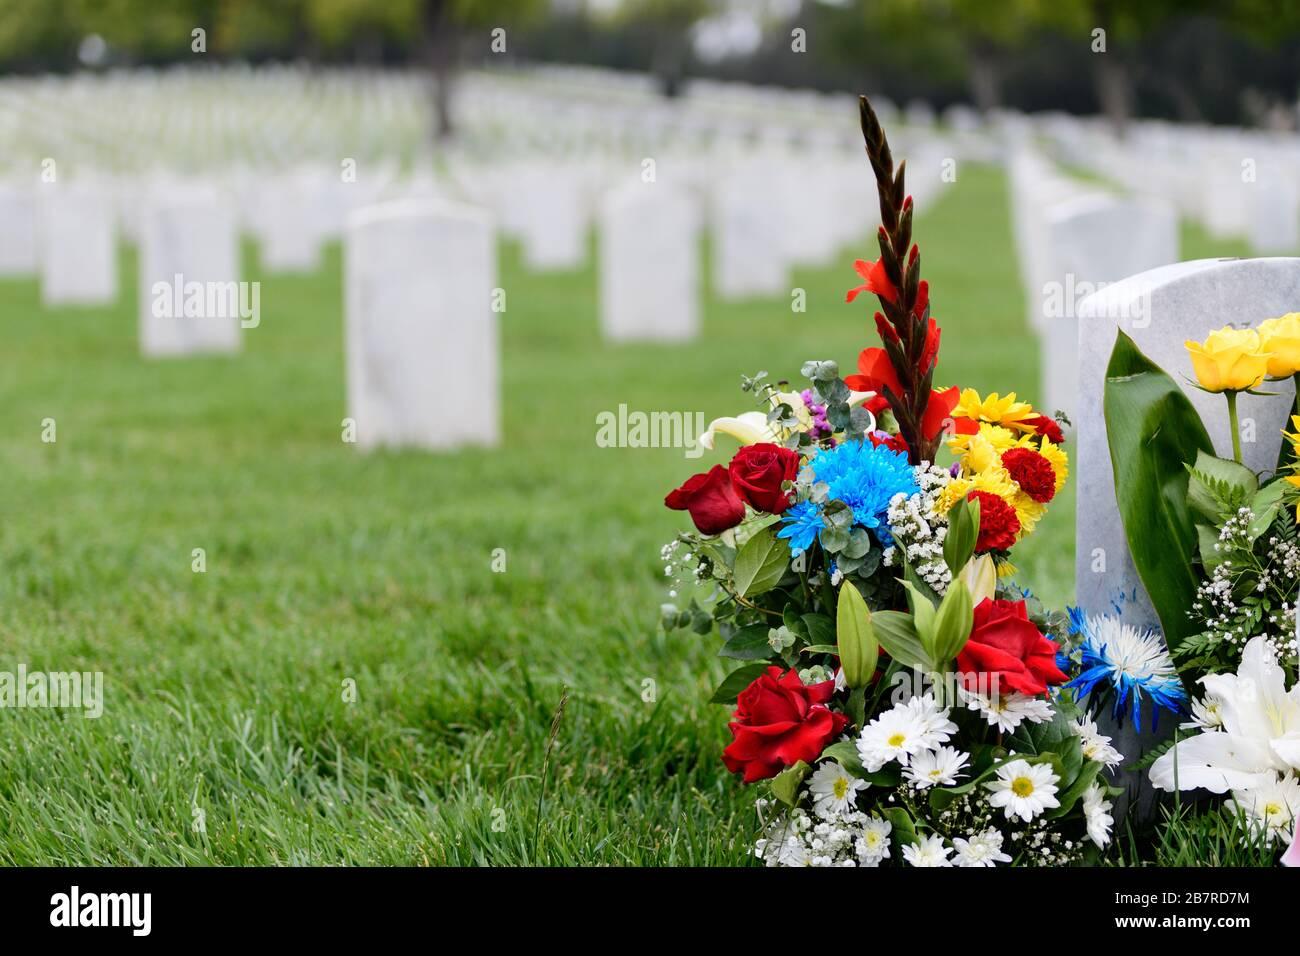 Un arrangement floral dans un cimetière avec des pierres tombales en vacances nationales. Jour commémoratif Banque D'Images